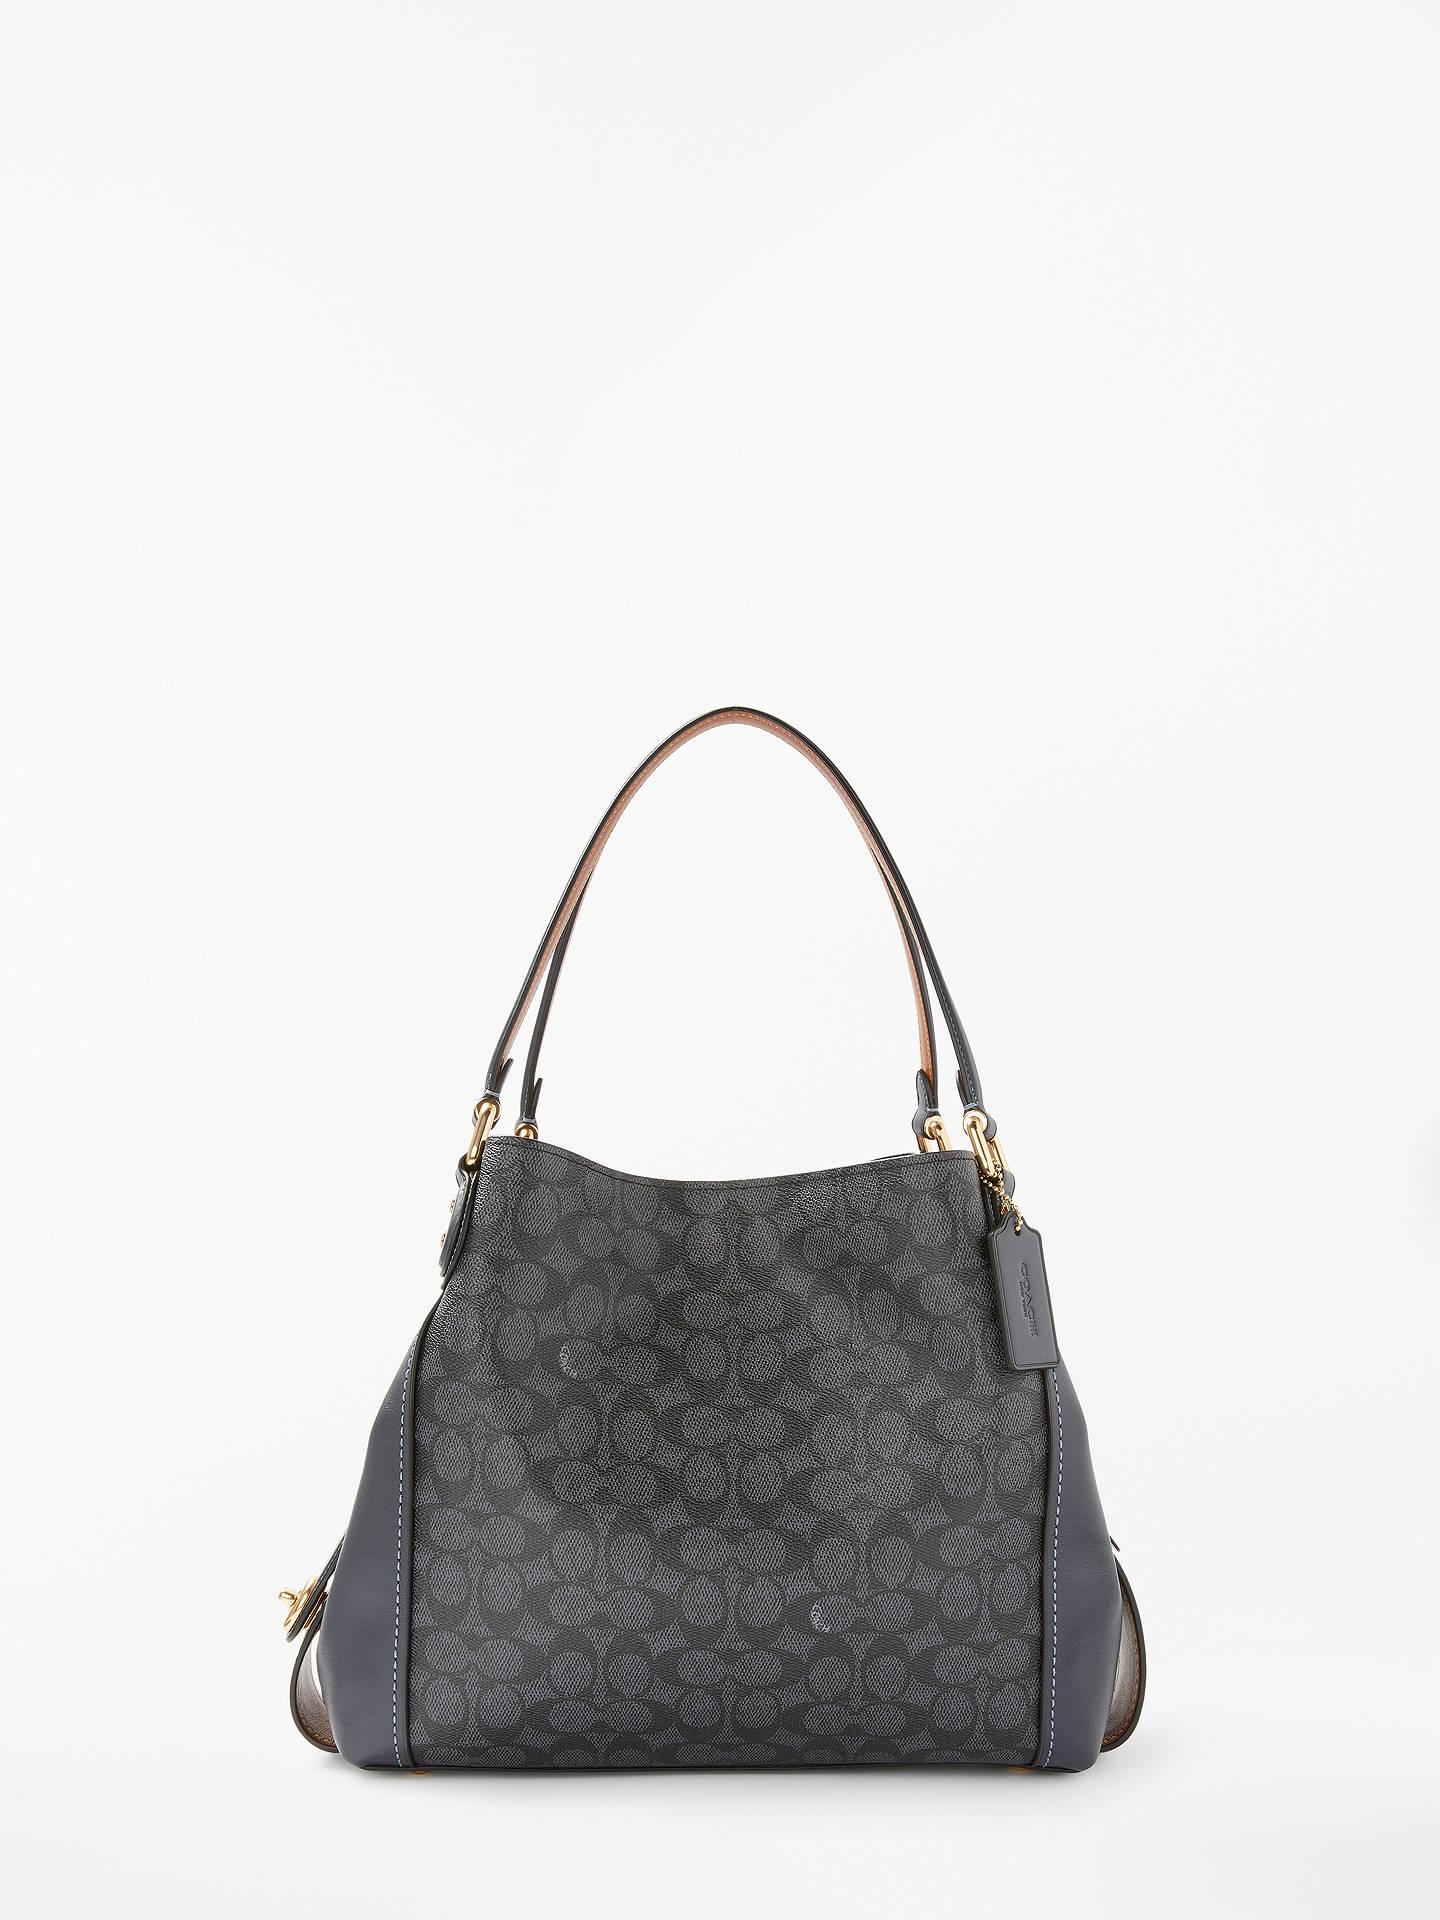 d28022cbc61c BuyCoach Edie 31 Shoulder Bag